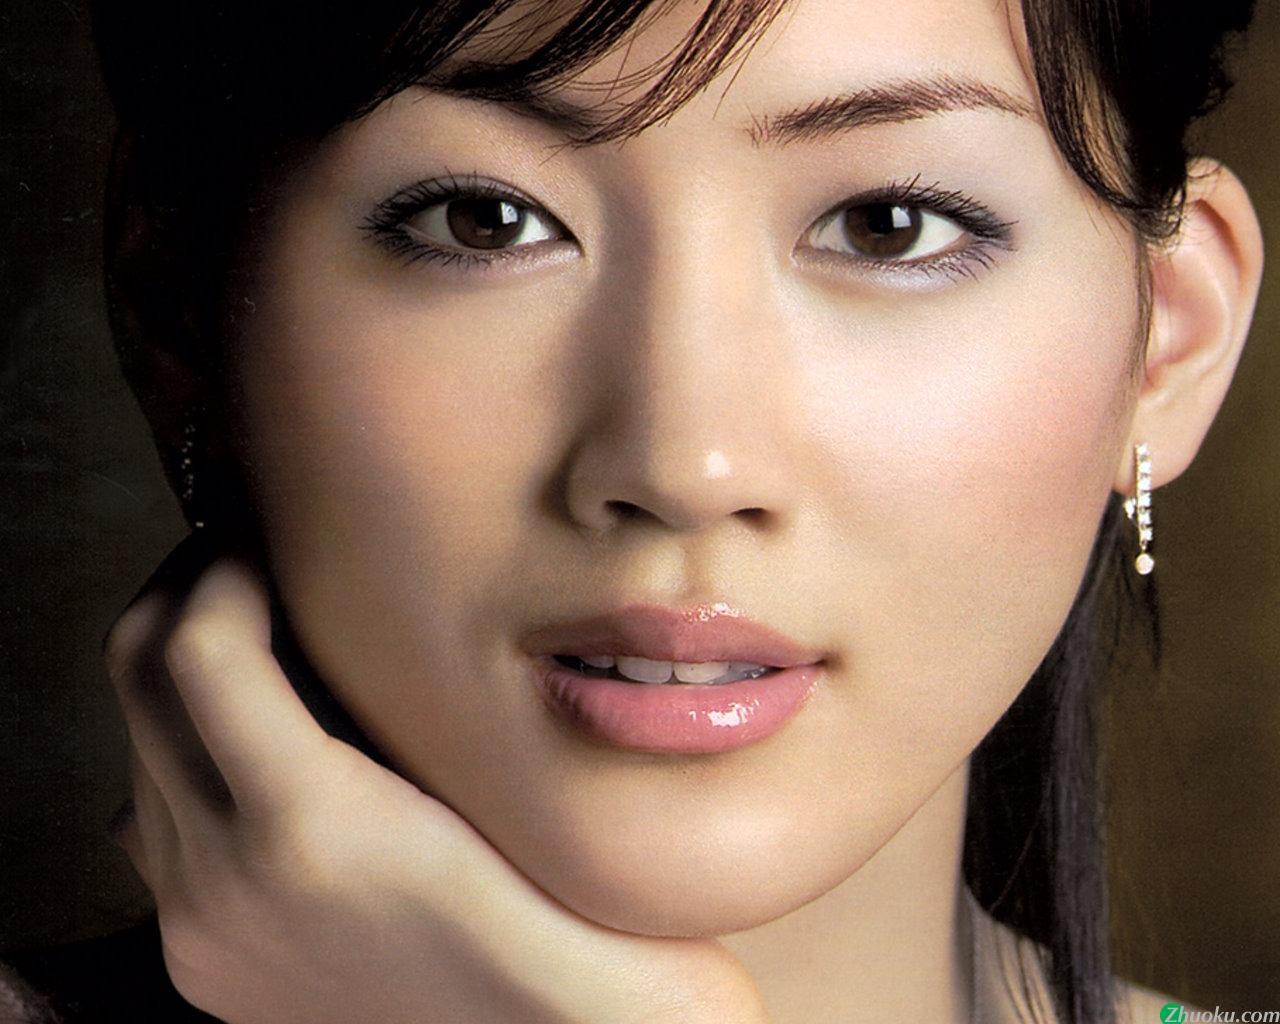 驚異的に美人な綾瀬はるかのポイントでもある前髪を真似して